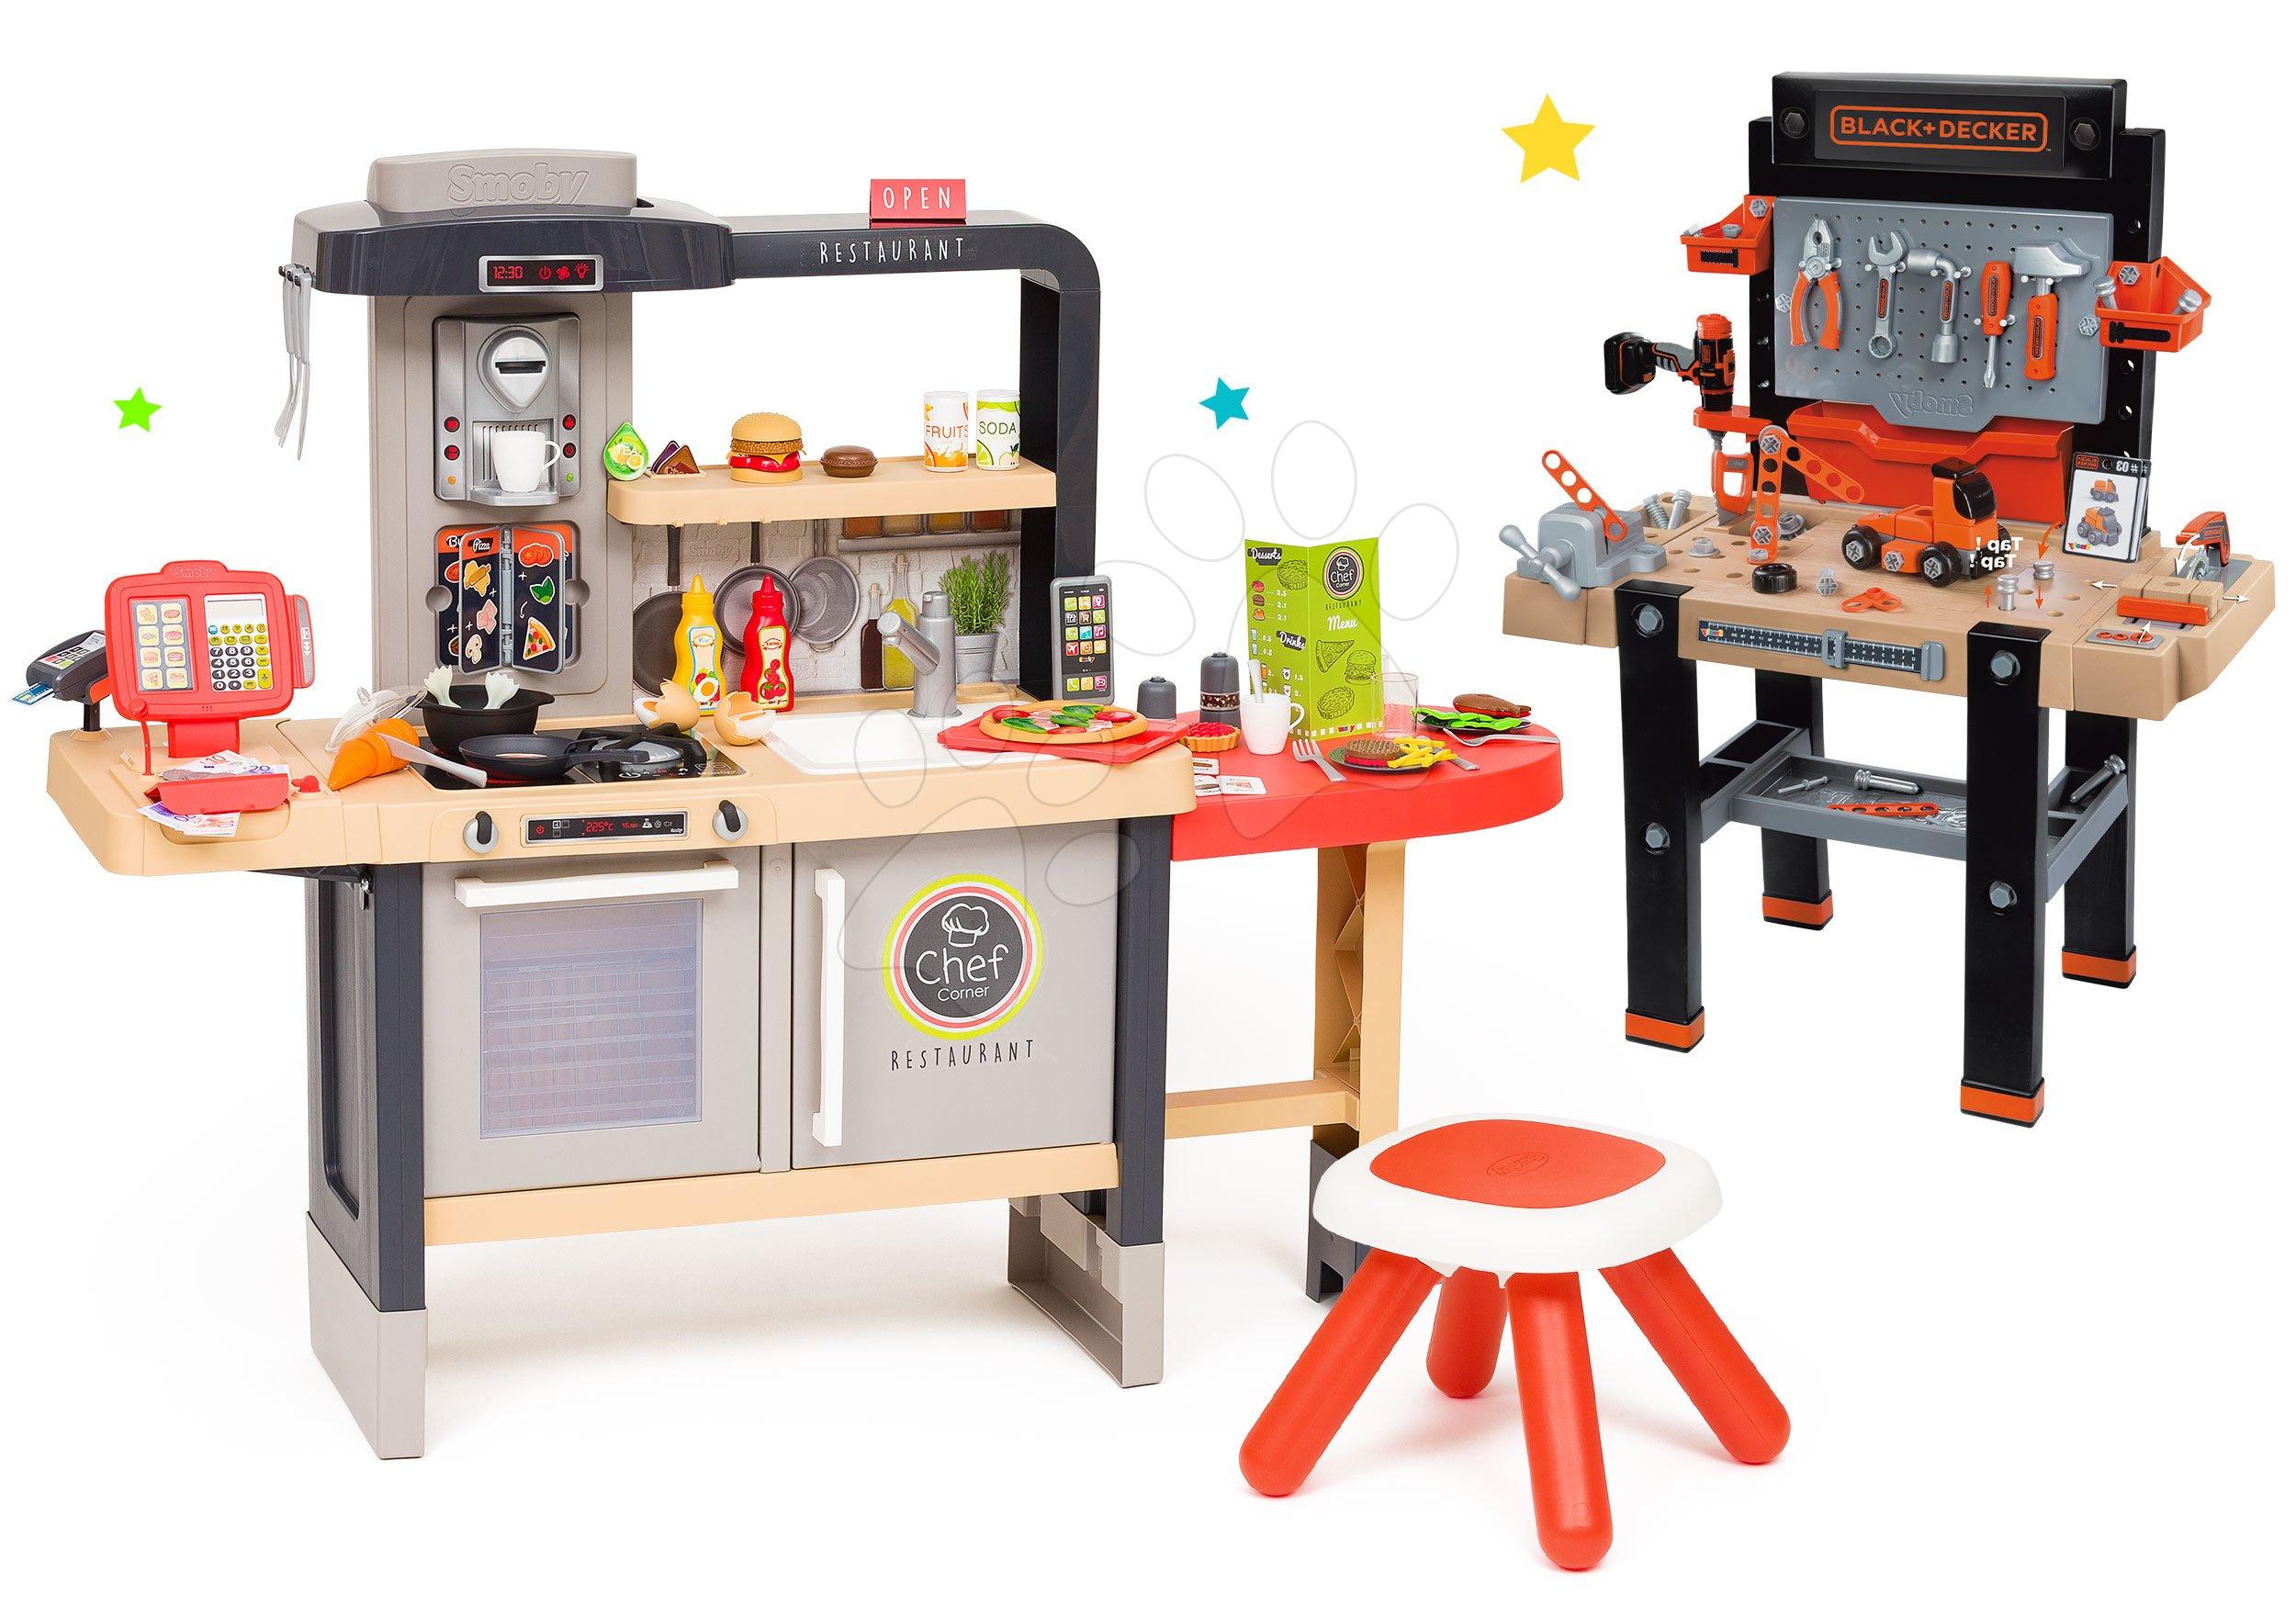 Set restaurace s elektronickou kuchyňkou Chef Corner Restaurant Smoby s pracovnou dílnou Black&Decker s 95 doplňky a autíčkem